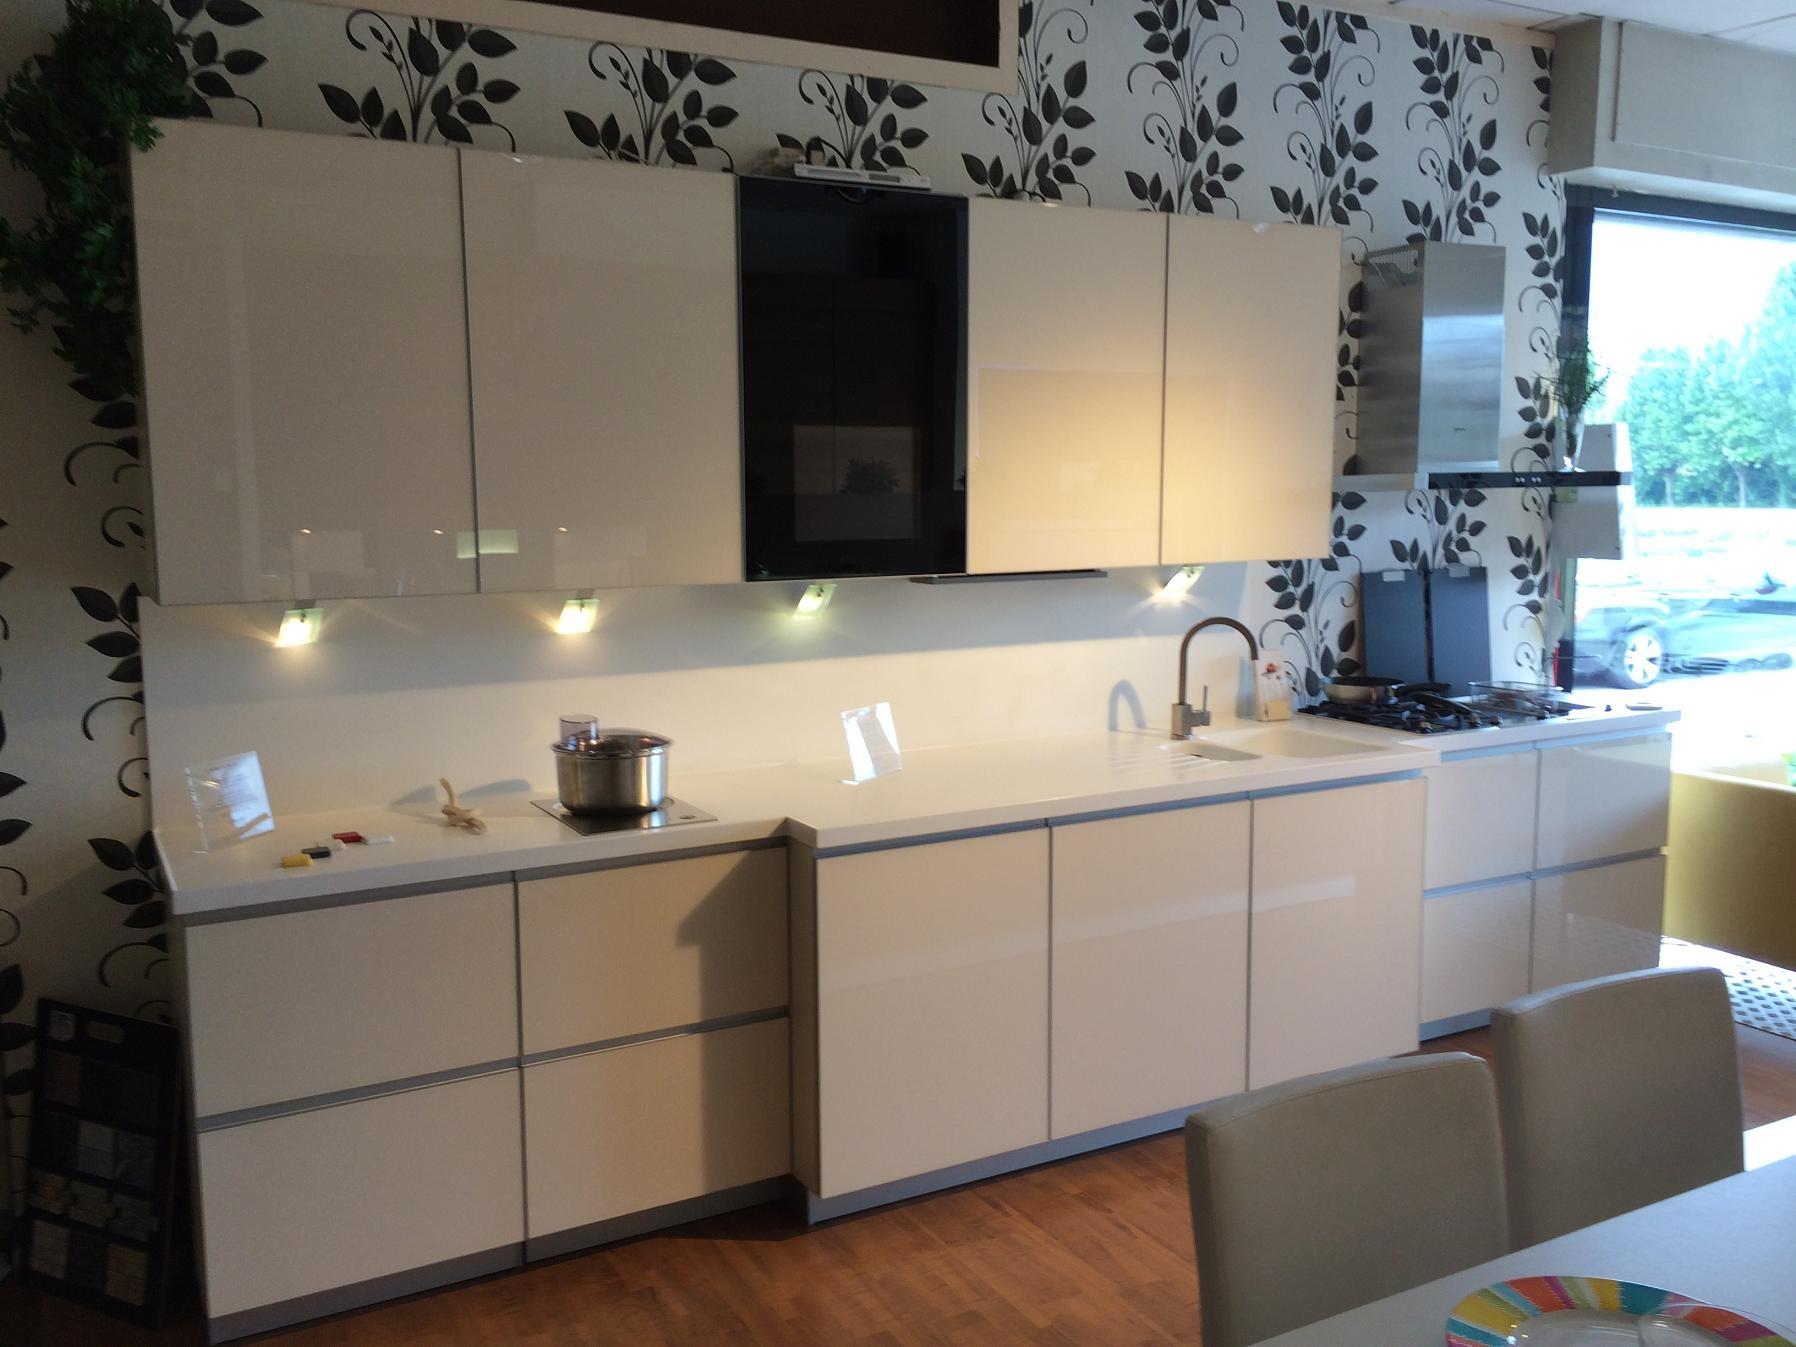 Cucina alno art pro vetro in offerta cucine a prezzi - Alno cucine prezzi ...